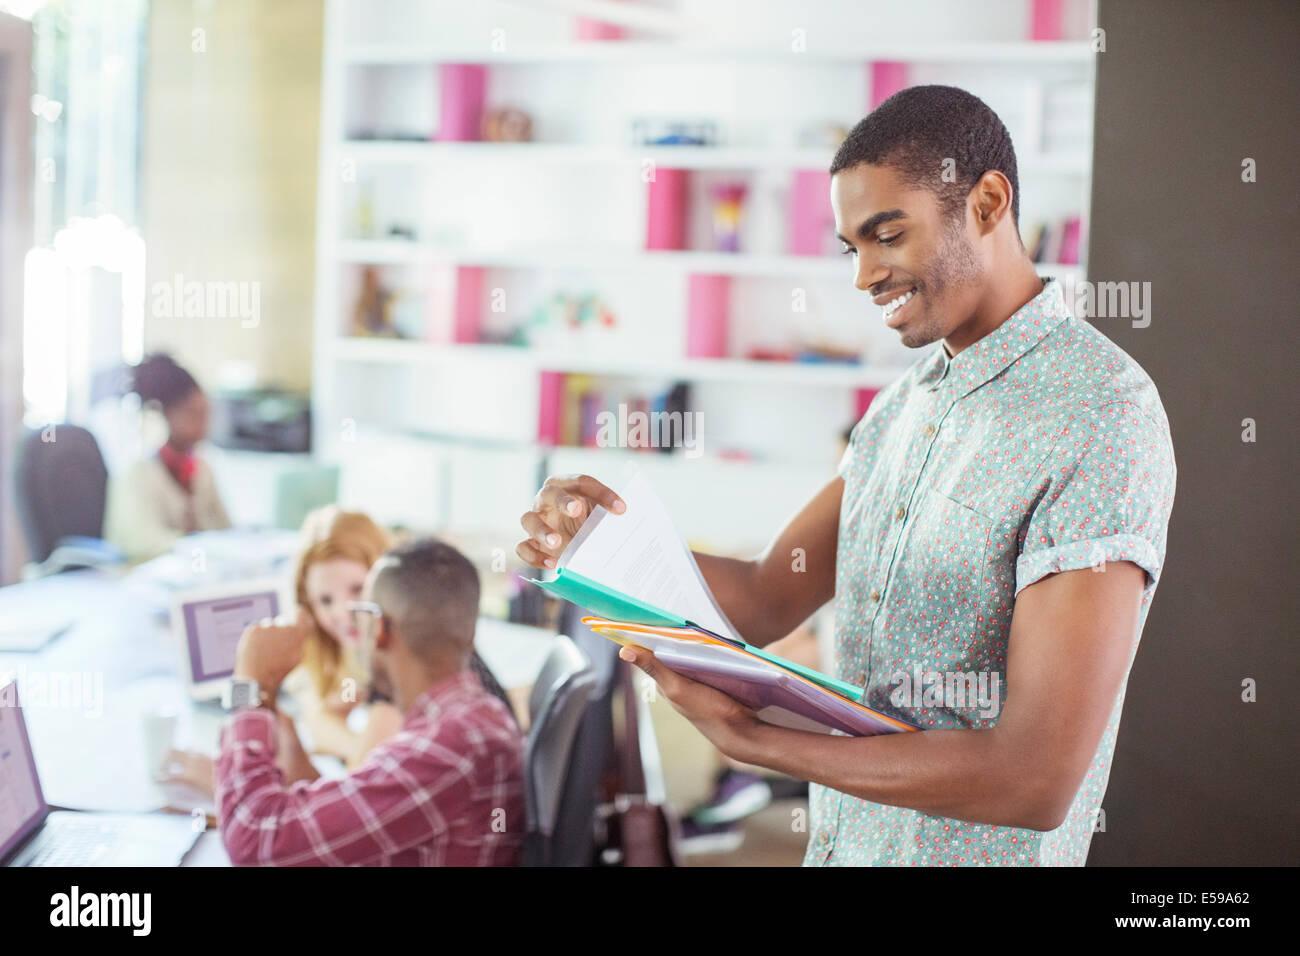 Hombre leyendo las carpetas de oficina Imagen De Stock